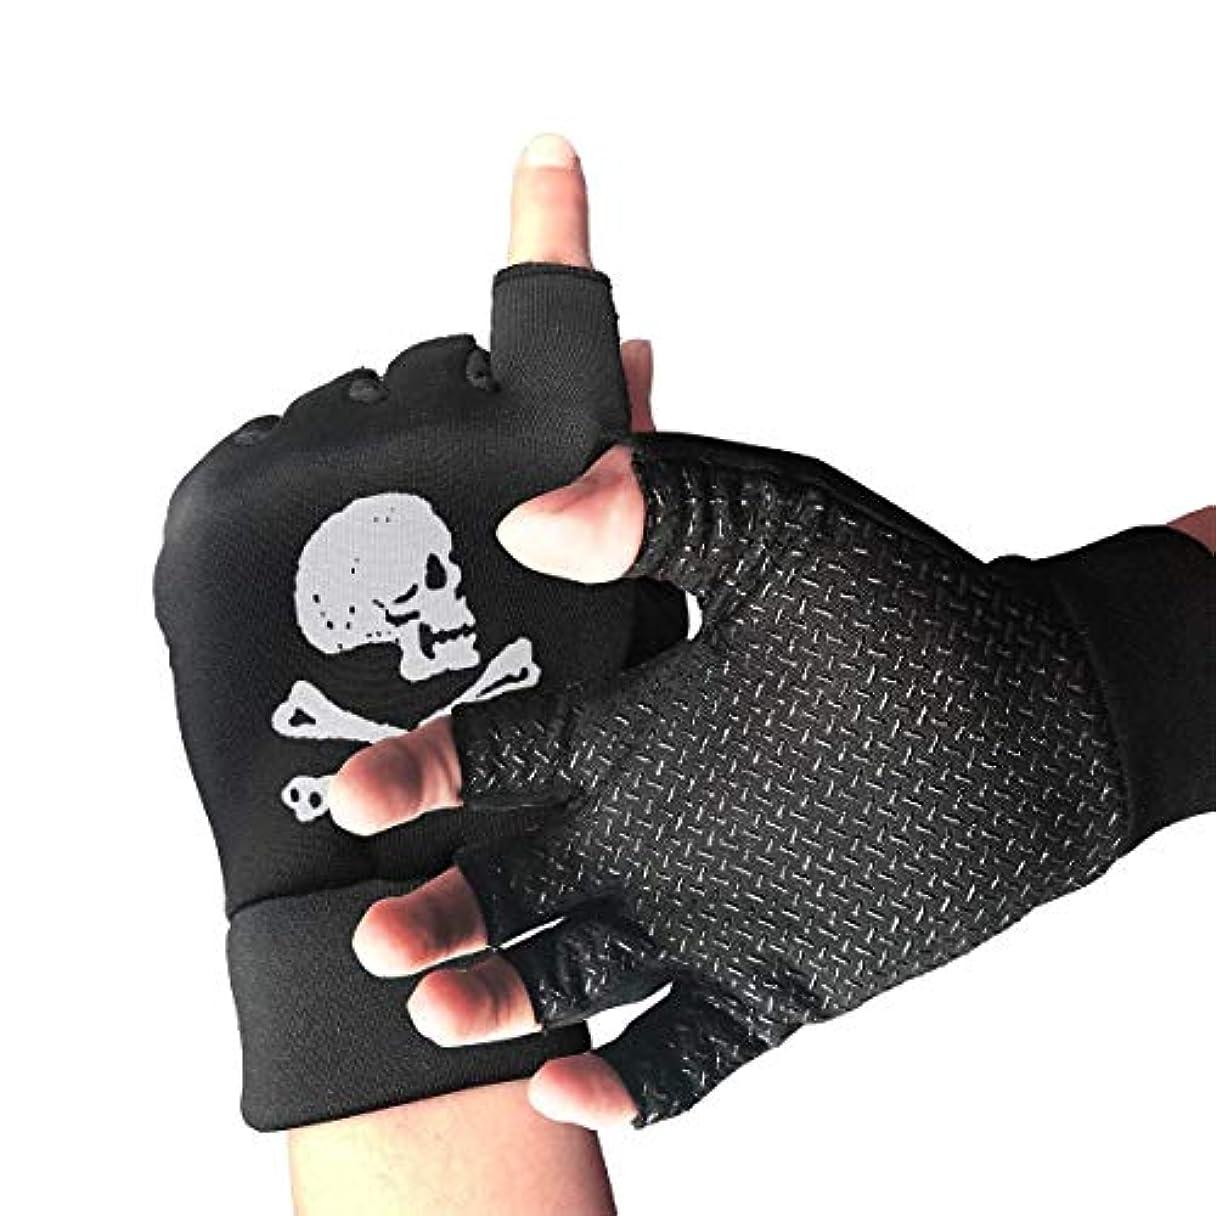 検出可能床卵Pirate Skeletonフィンガーレス/ハーフフィンガーグローブ自転車用グローブ/サイクリングマウンテングローブ/オートバイ用手袋、滑り止め衝撃吸収性通気性メンズ/レディースグローブ